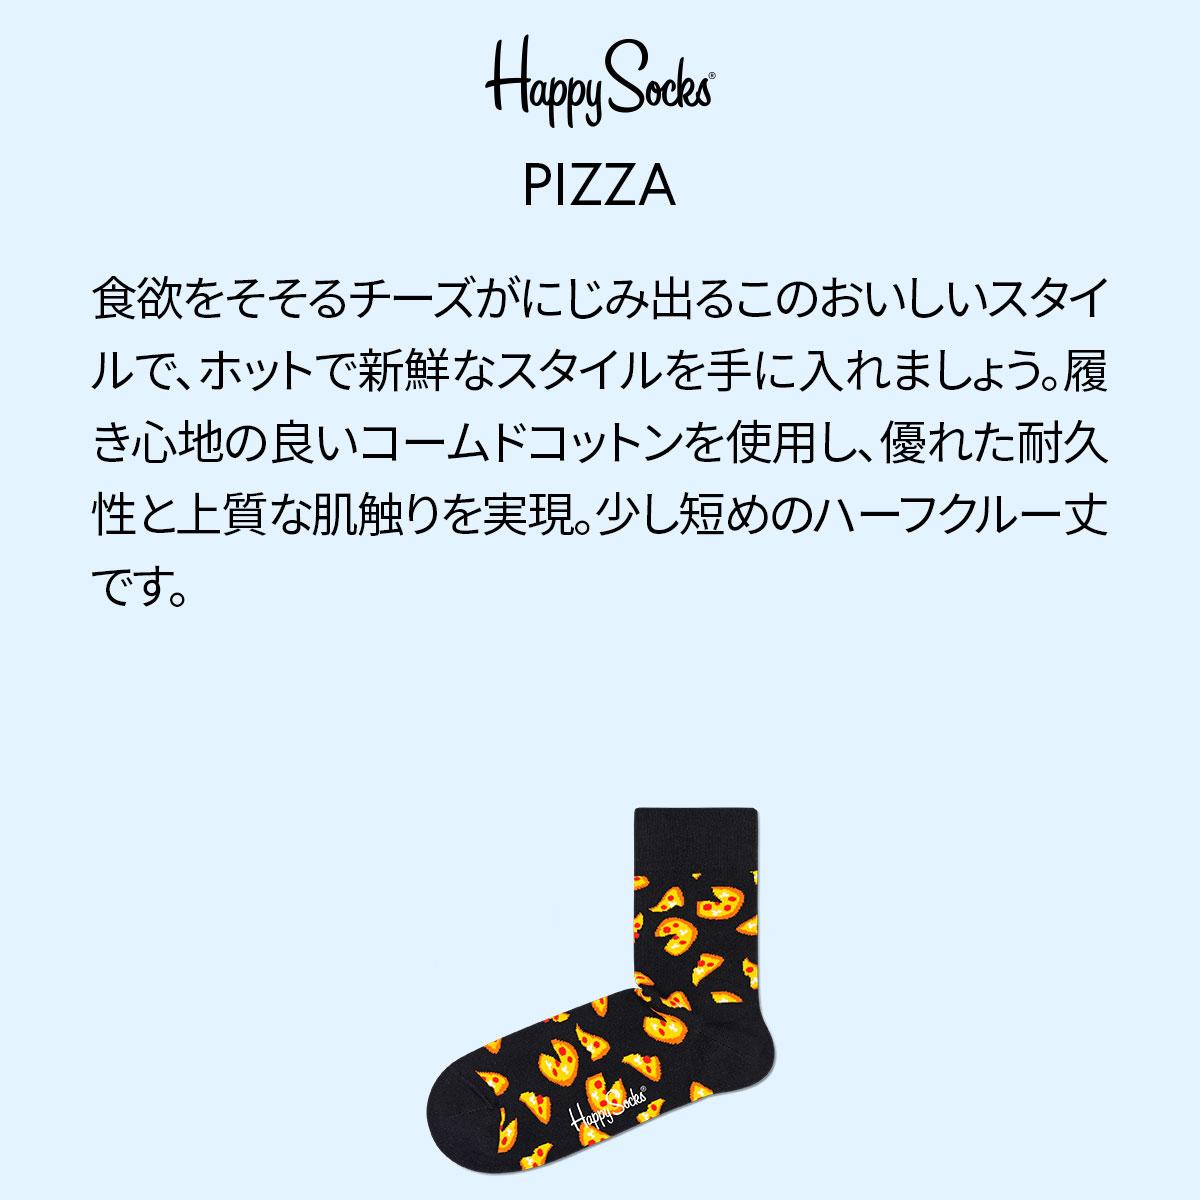 セール!Happy Socks ハッピーソックス  PIZZA ( ピザ ) ハーフクルー丈 綿混 ソックス 靴下 ユニセックス レディス プレゼント 贈答 ギフト 10211042【ゆうパケット220円・4点まで】